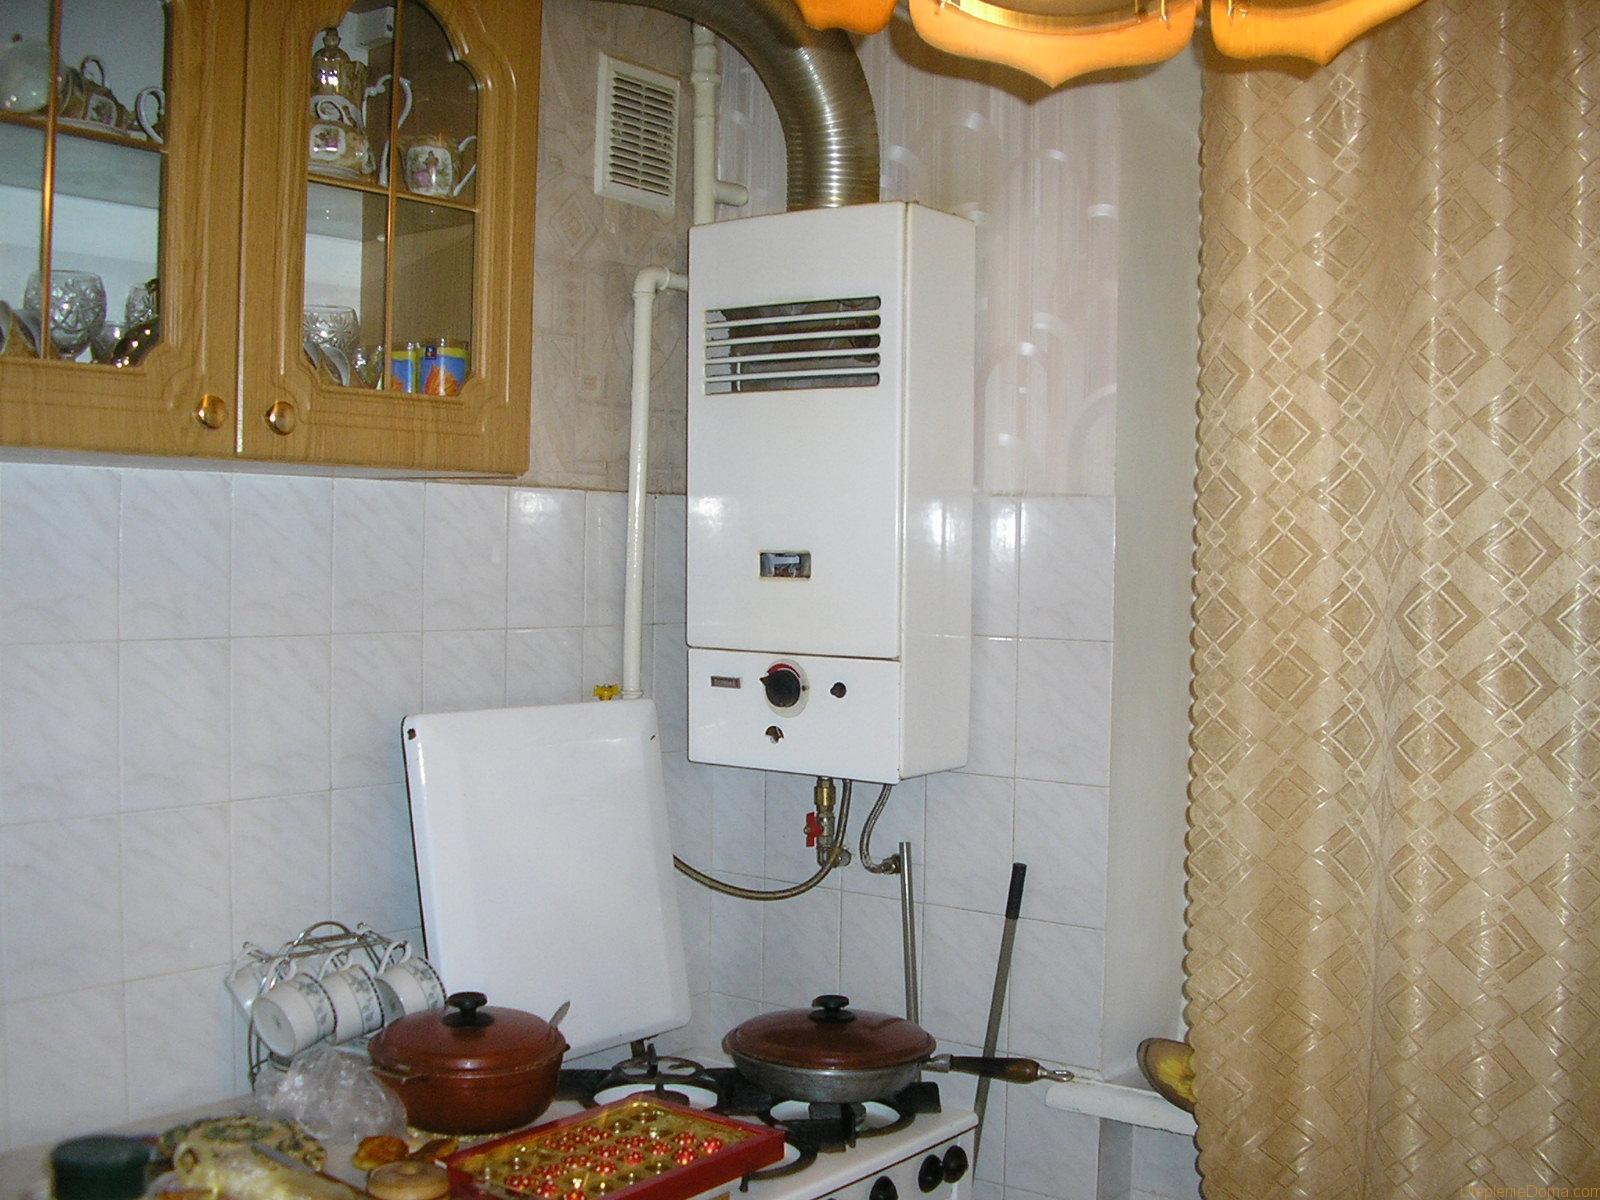 Преимущества индивидуального газового отопления в многоквартирном доме